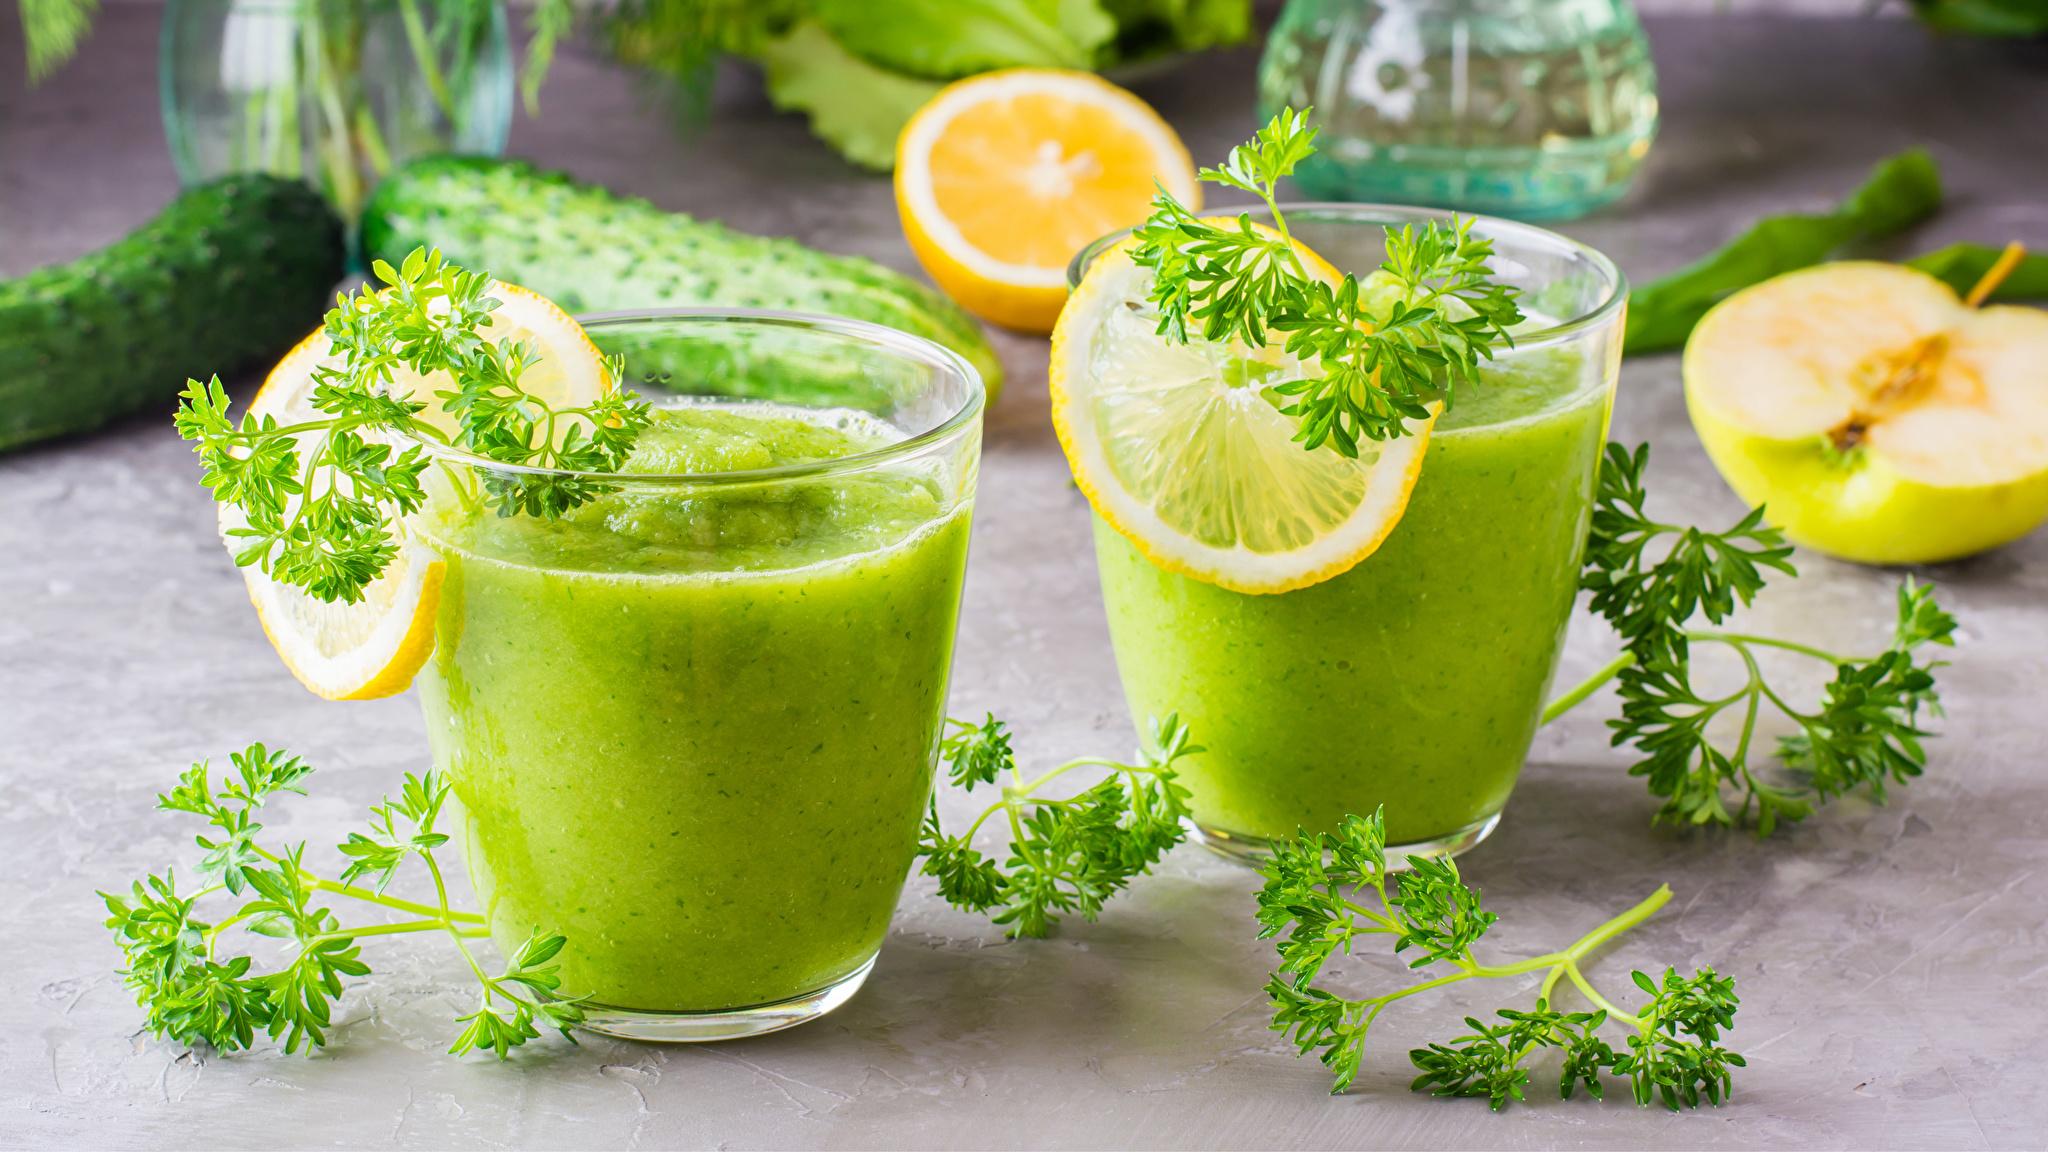 Фото Смузи 2 Стакан Лимоны Пища Овощи 2048x1152 Двое вдвоем Еда Продукты питания